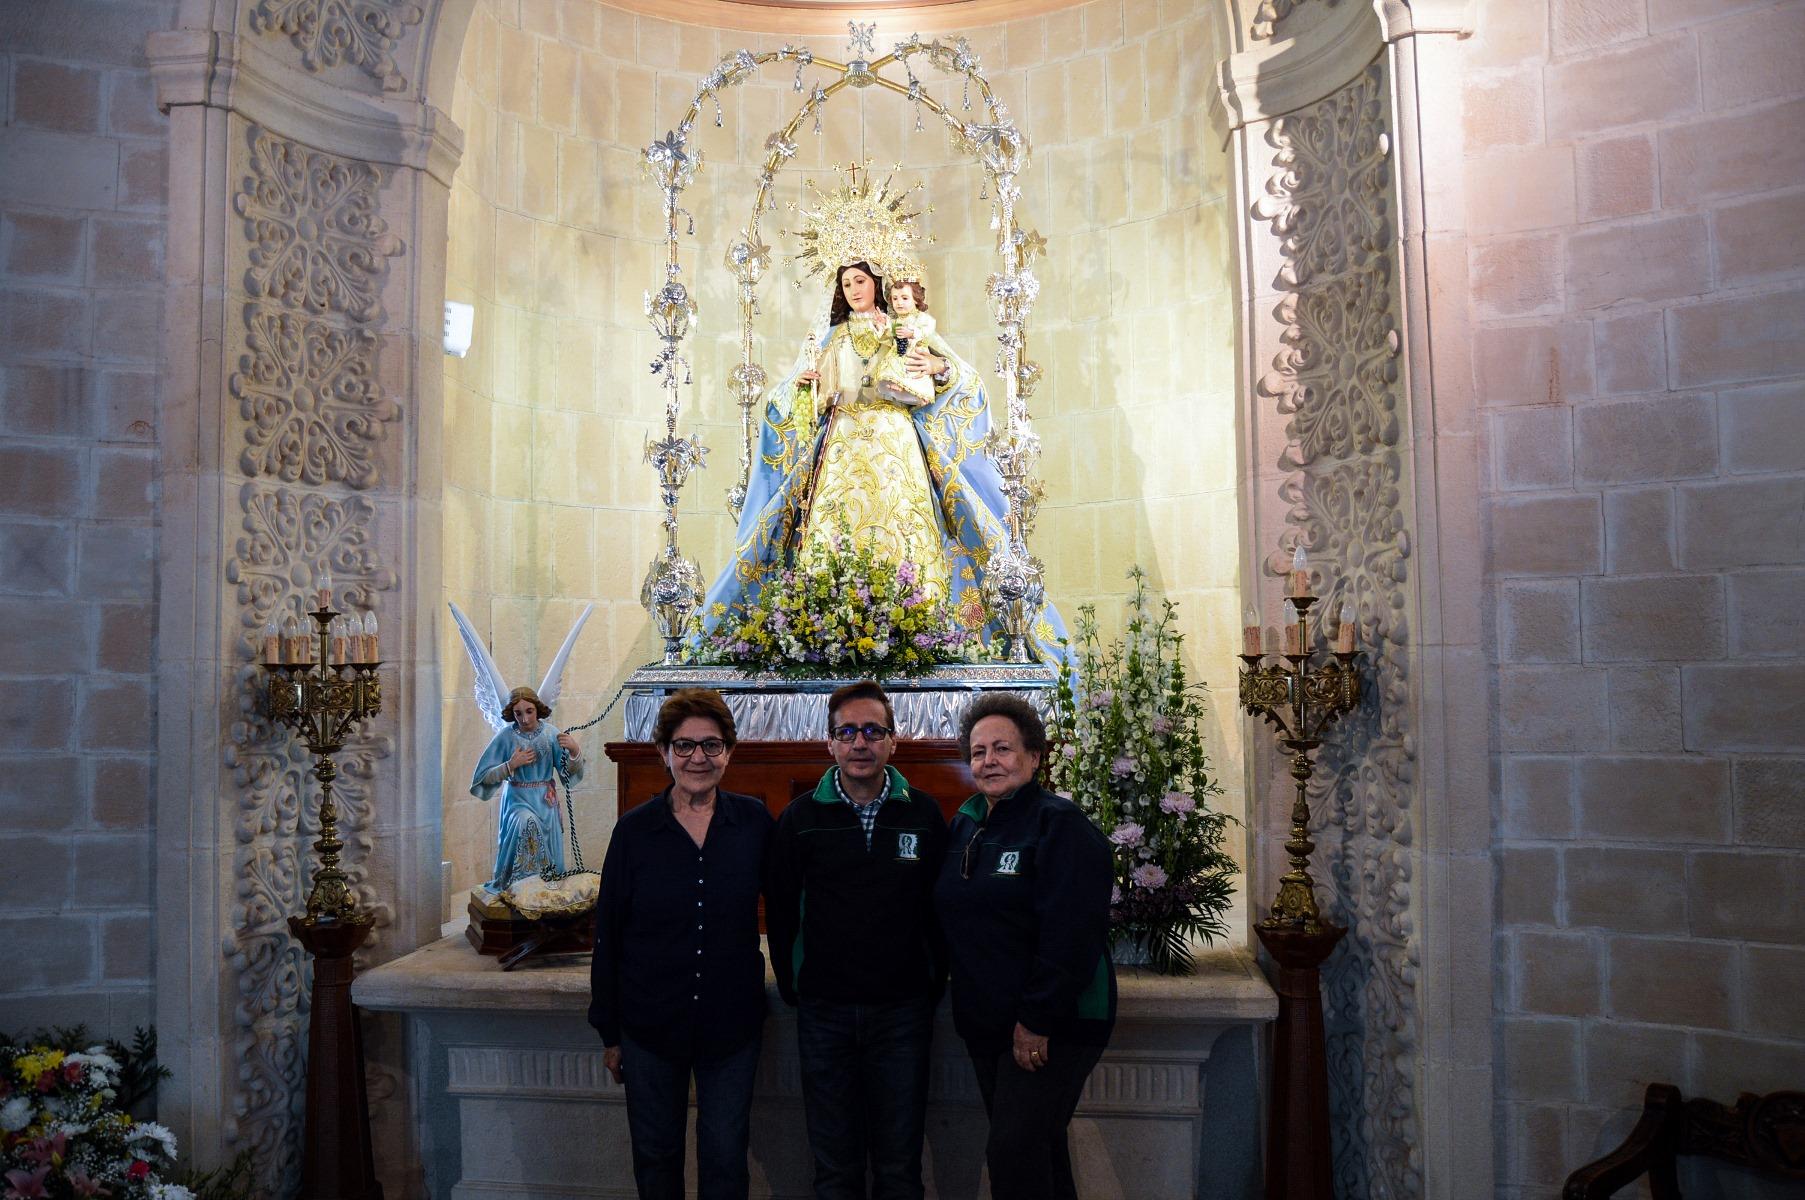 La Virgen De Las Viñas Luce Radiante Para La Romería 2018 Lanza Digital Lanza Digital